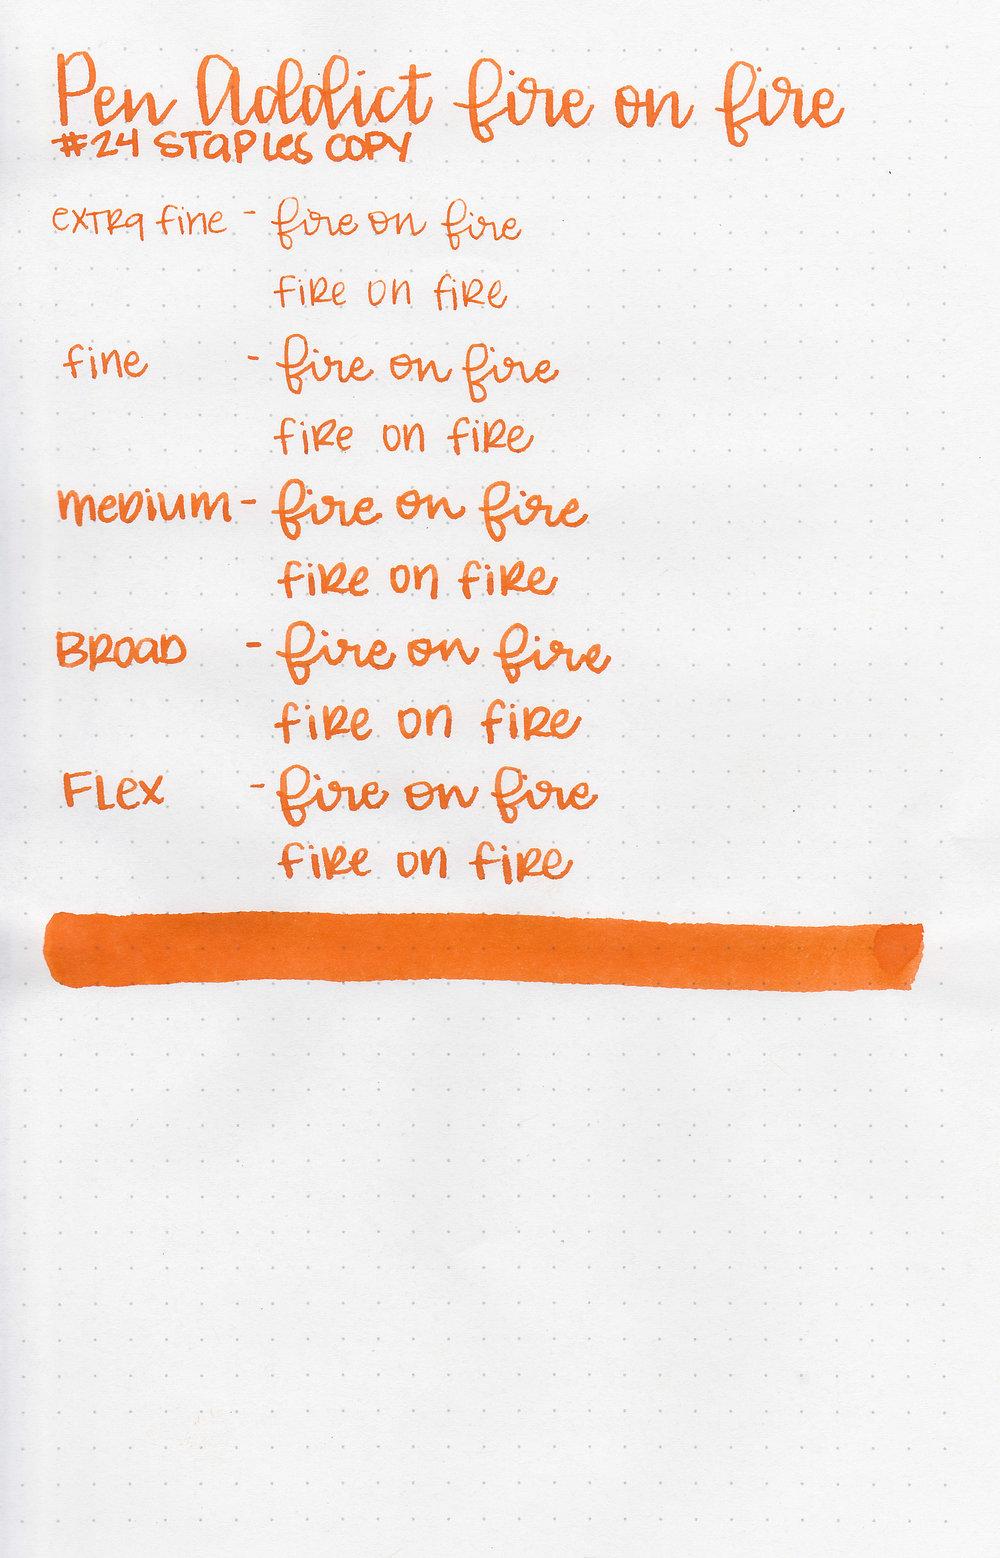 ro-fire-on-fire-11.jpg